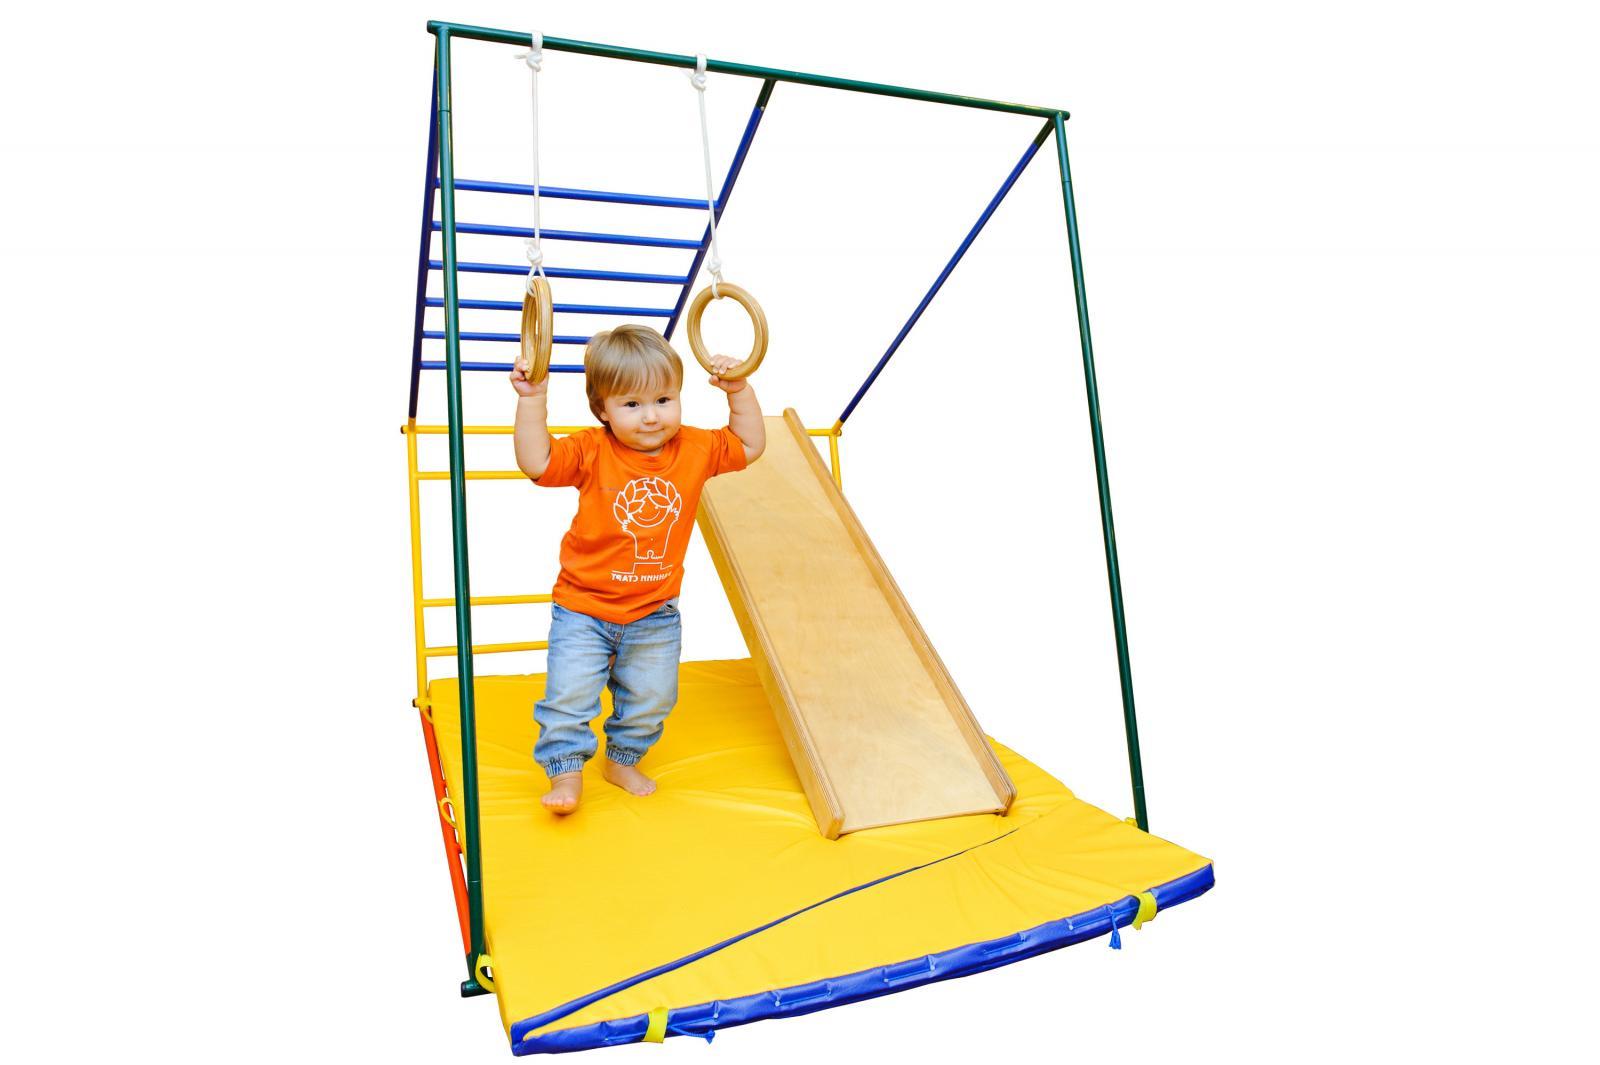 Замечательный детский спортивный комплекс Ранний старт